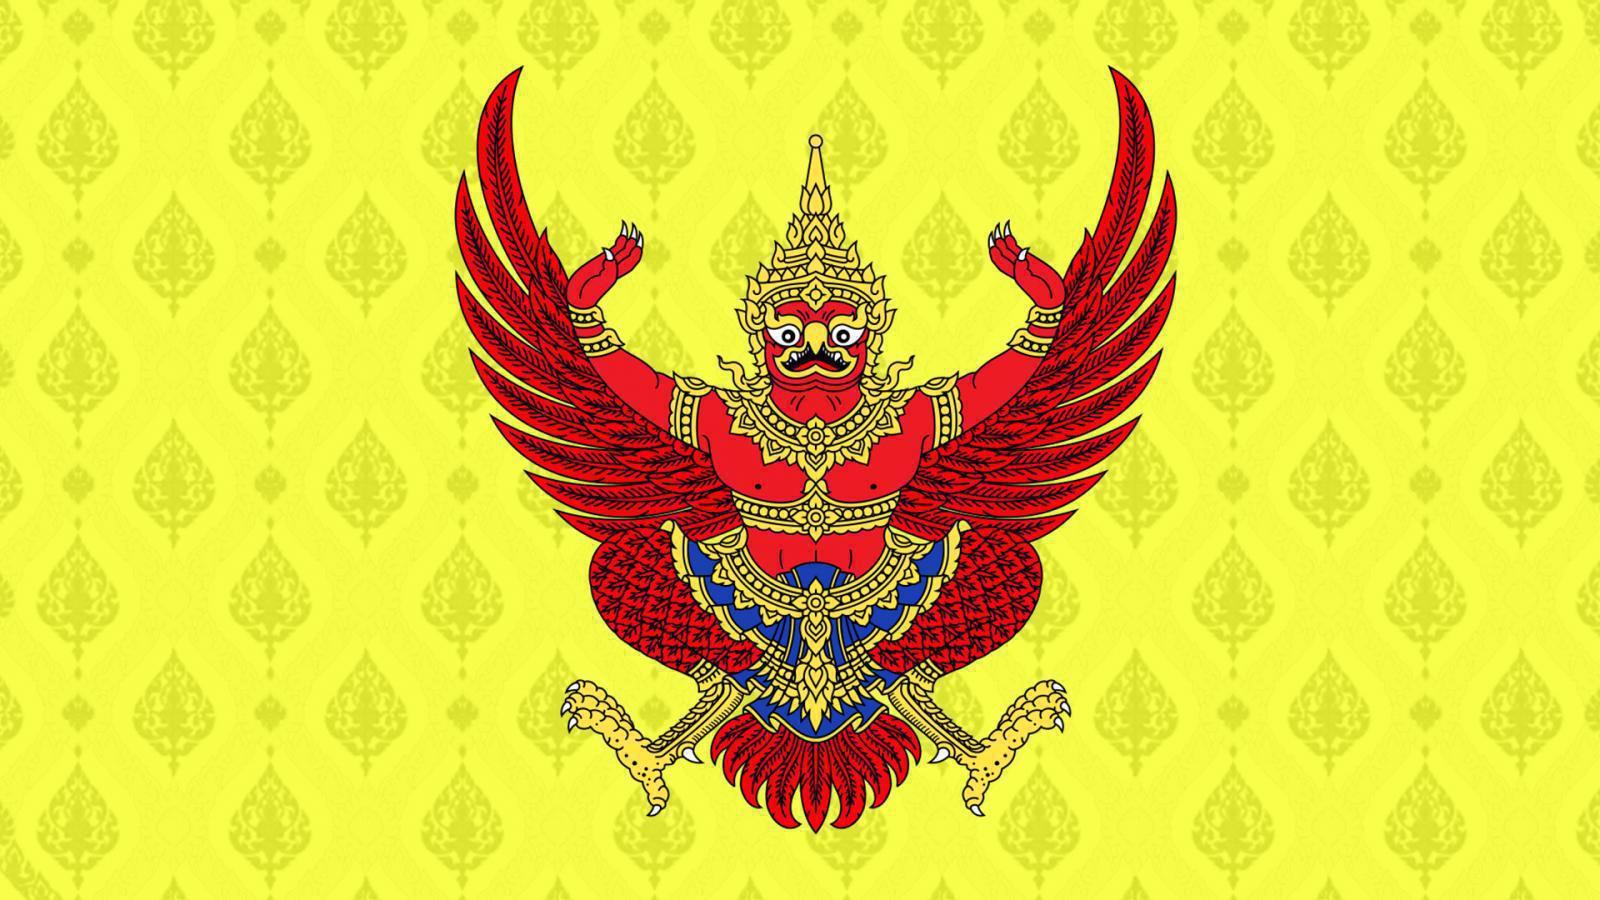 พระบรมราชโองการโปรดเกล้าฯ พระราชทานยศ 94 ทหาร เป็นกรณีพิเศษ